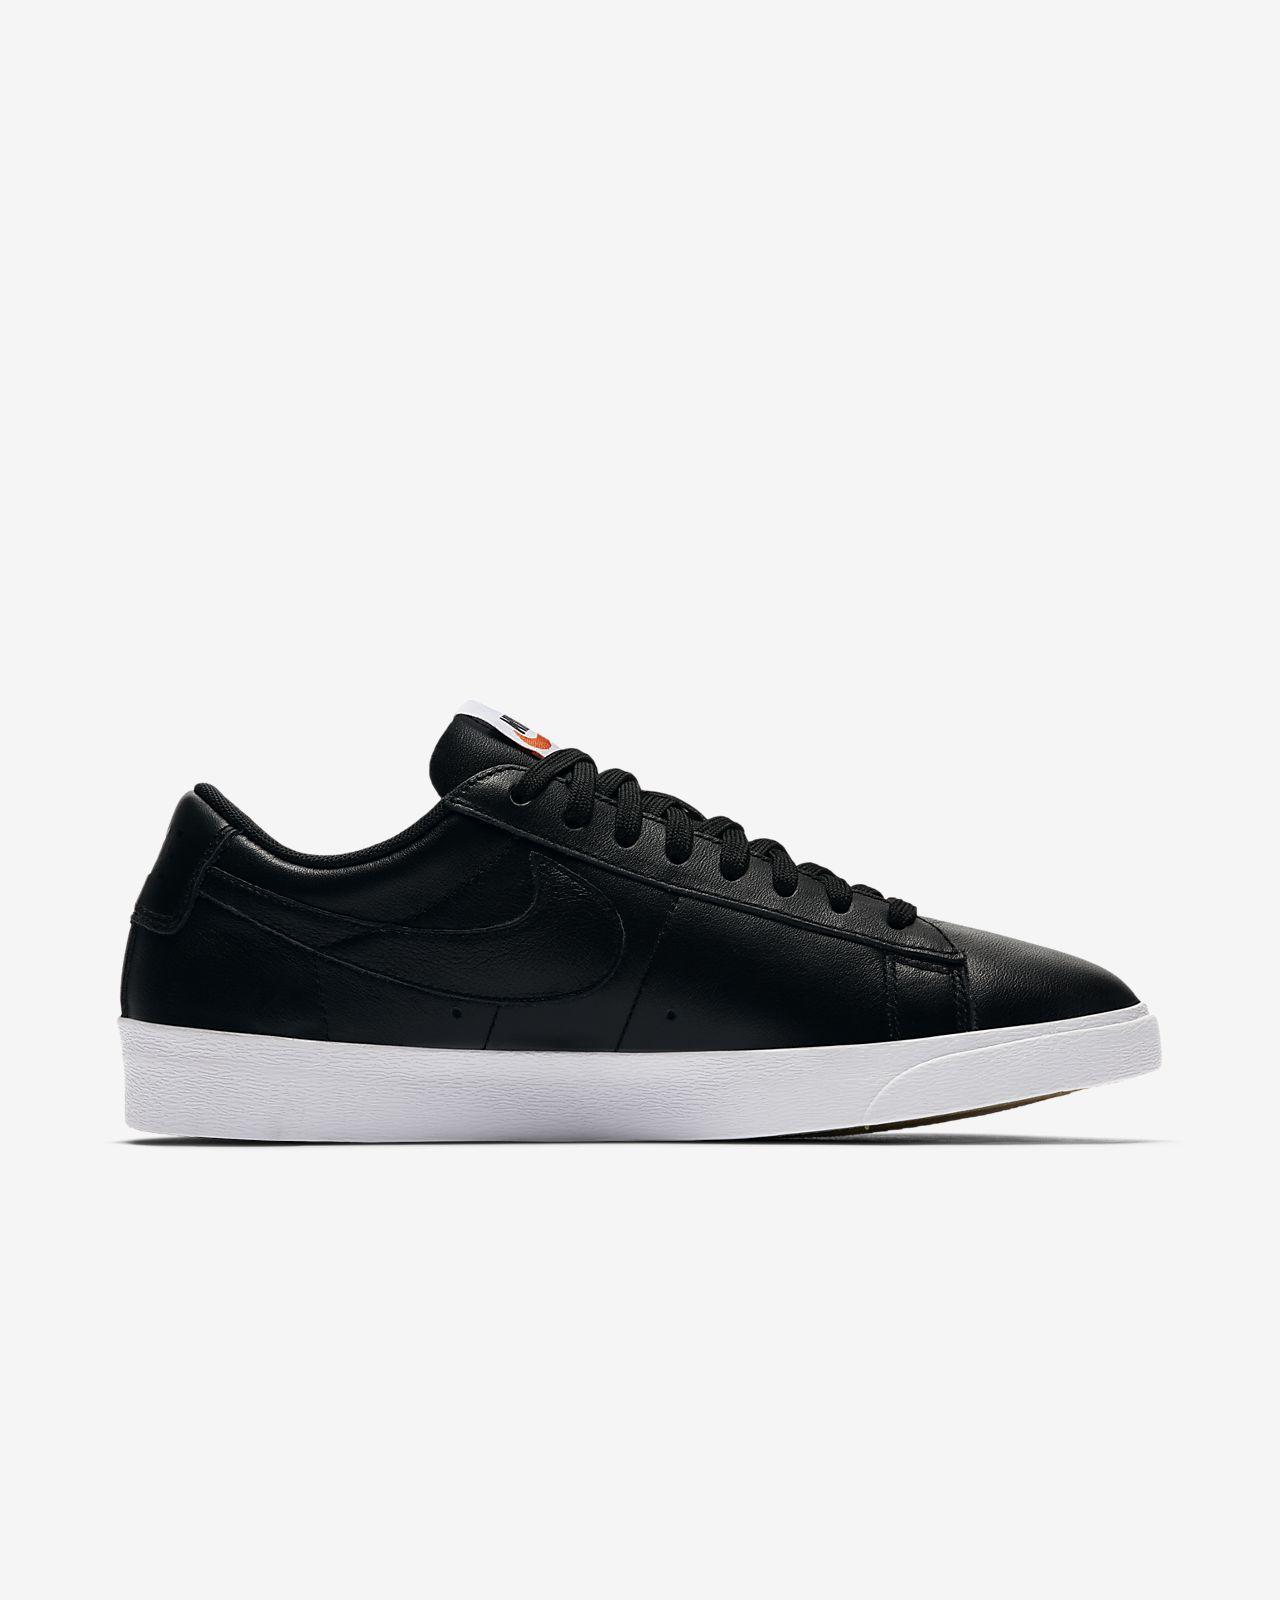 Nike Wmns Blazer Low Essential Black/ Black-Black Comprar Barato Barato Toma De Pedidos En Línea Envío Bajo De Descuento Comprar Barato 2018 Unisex xqs4AcwGX